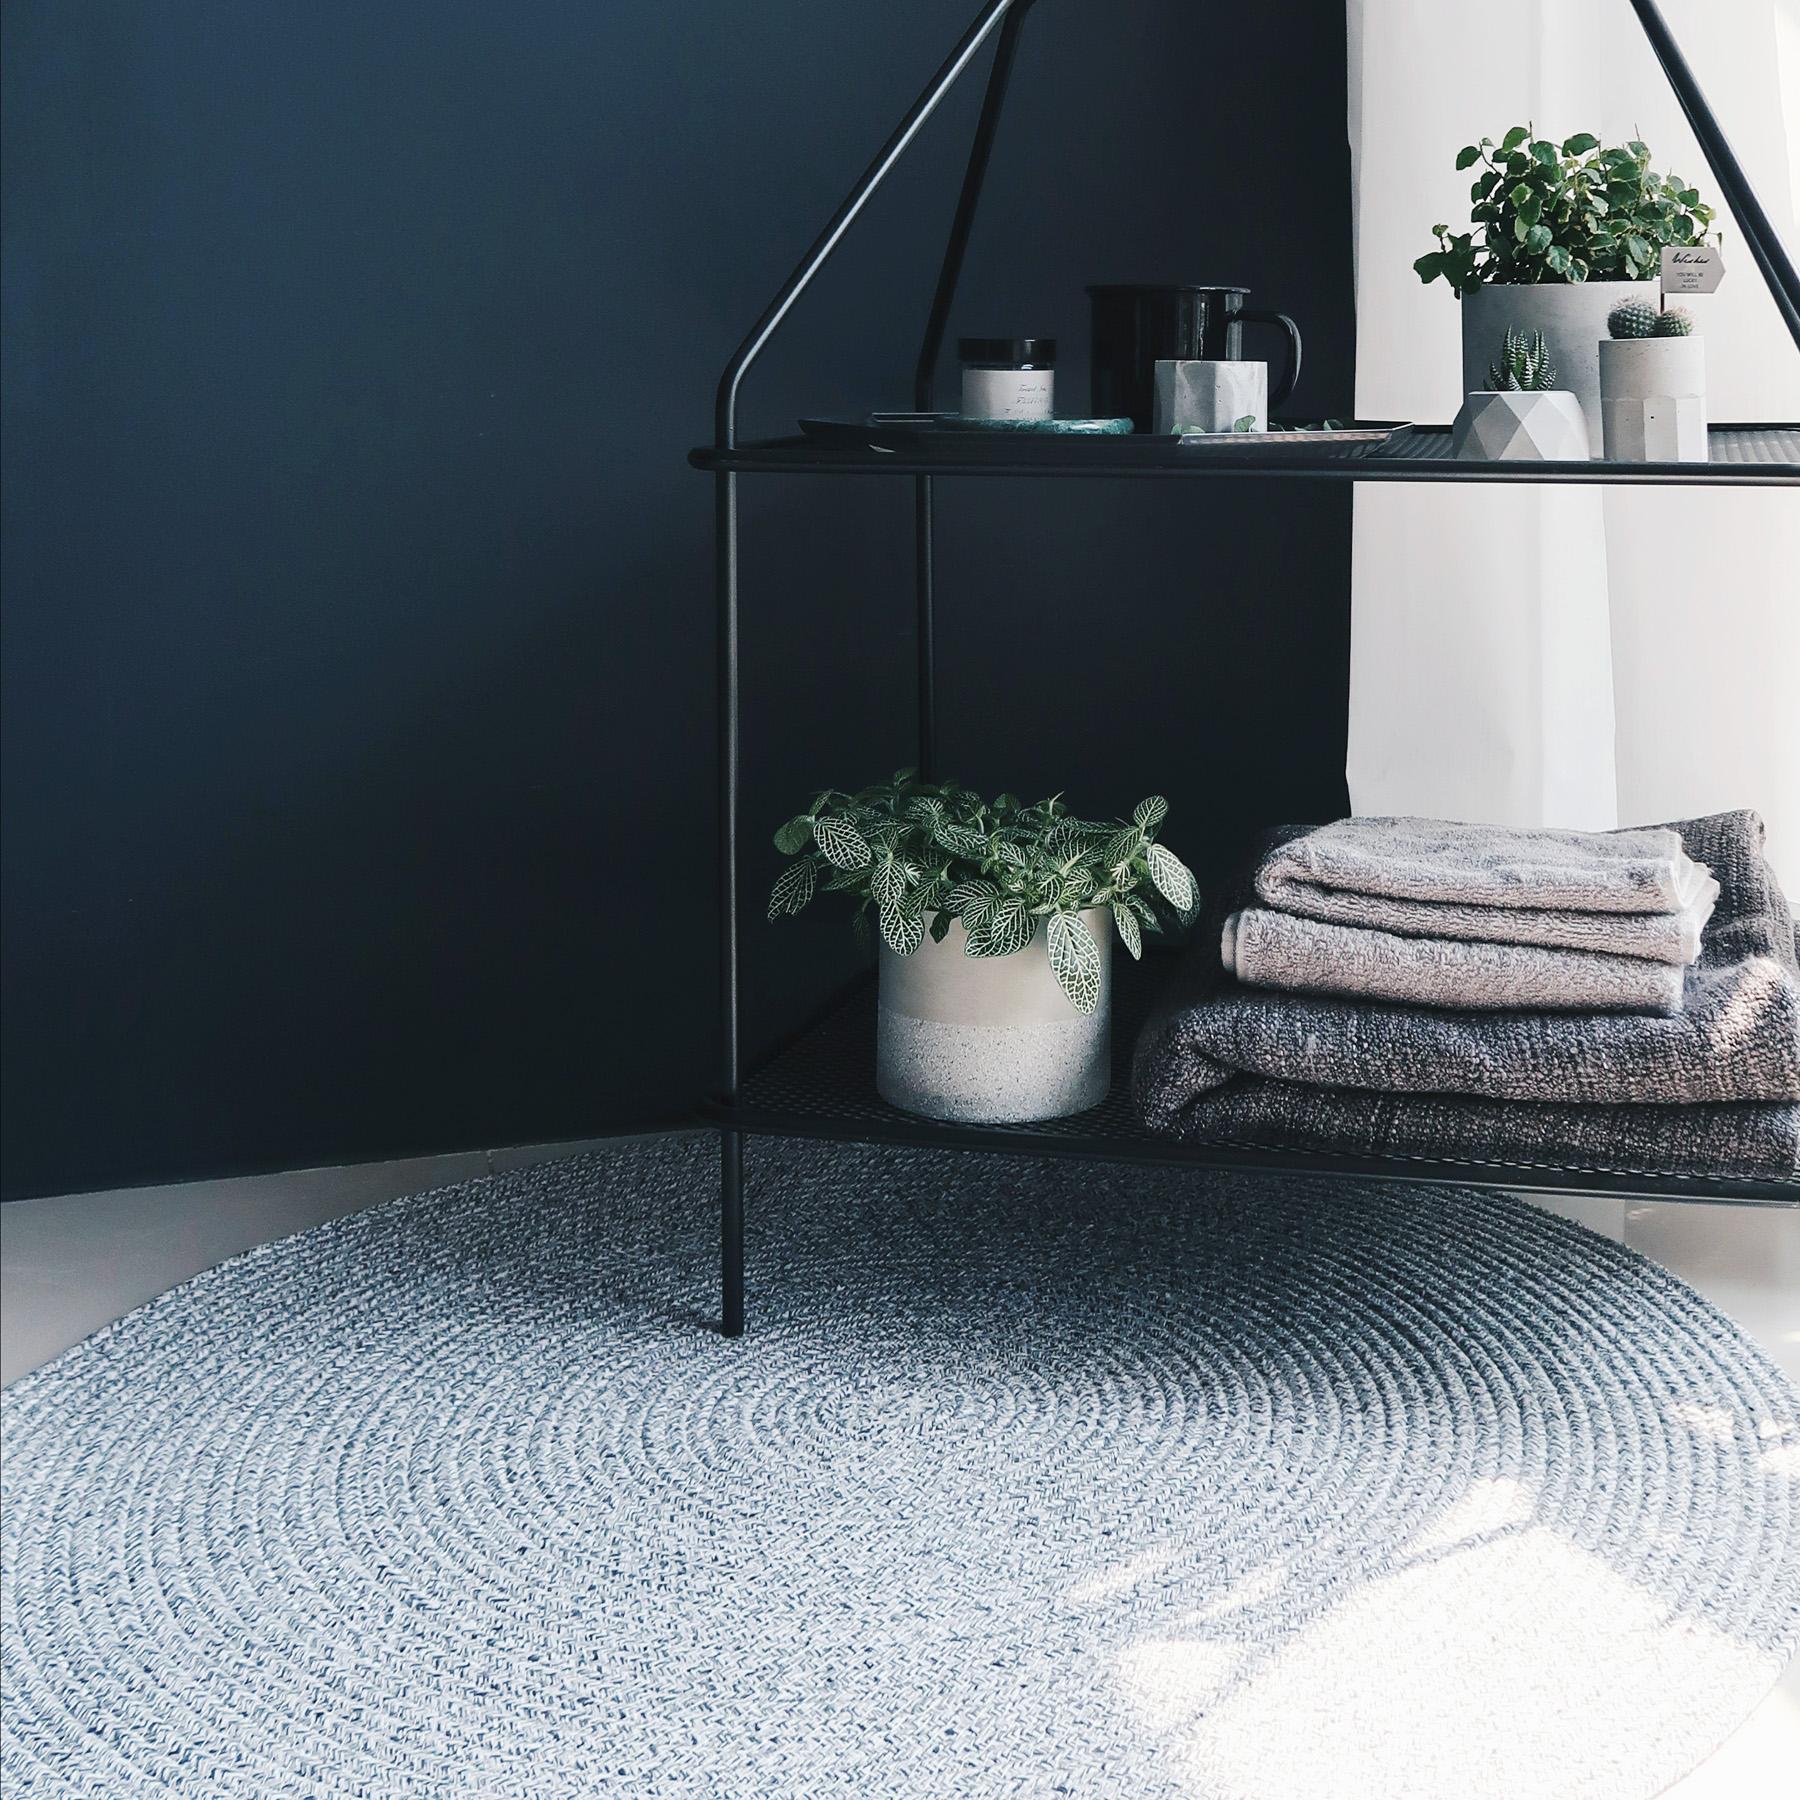 Home Decor 水泥家飾・居家擺飾・植物生活・設計禮物